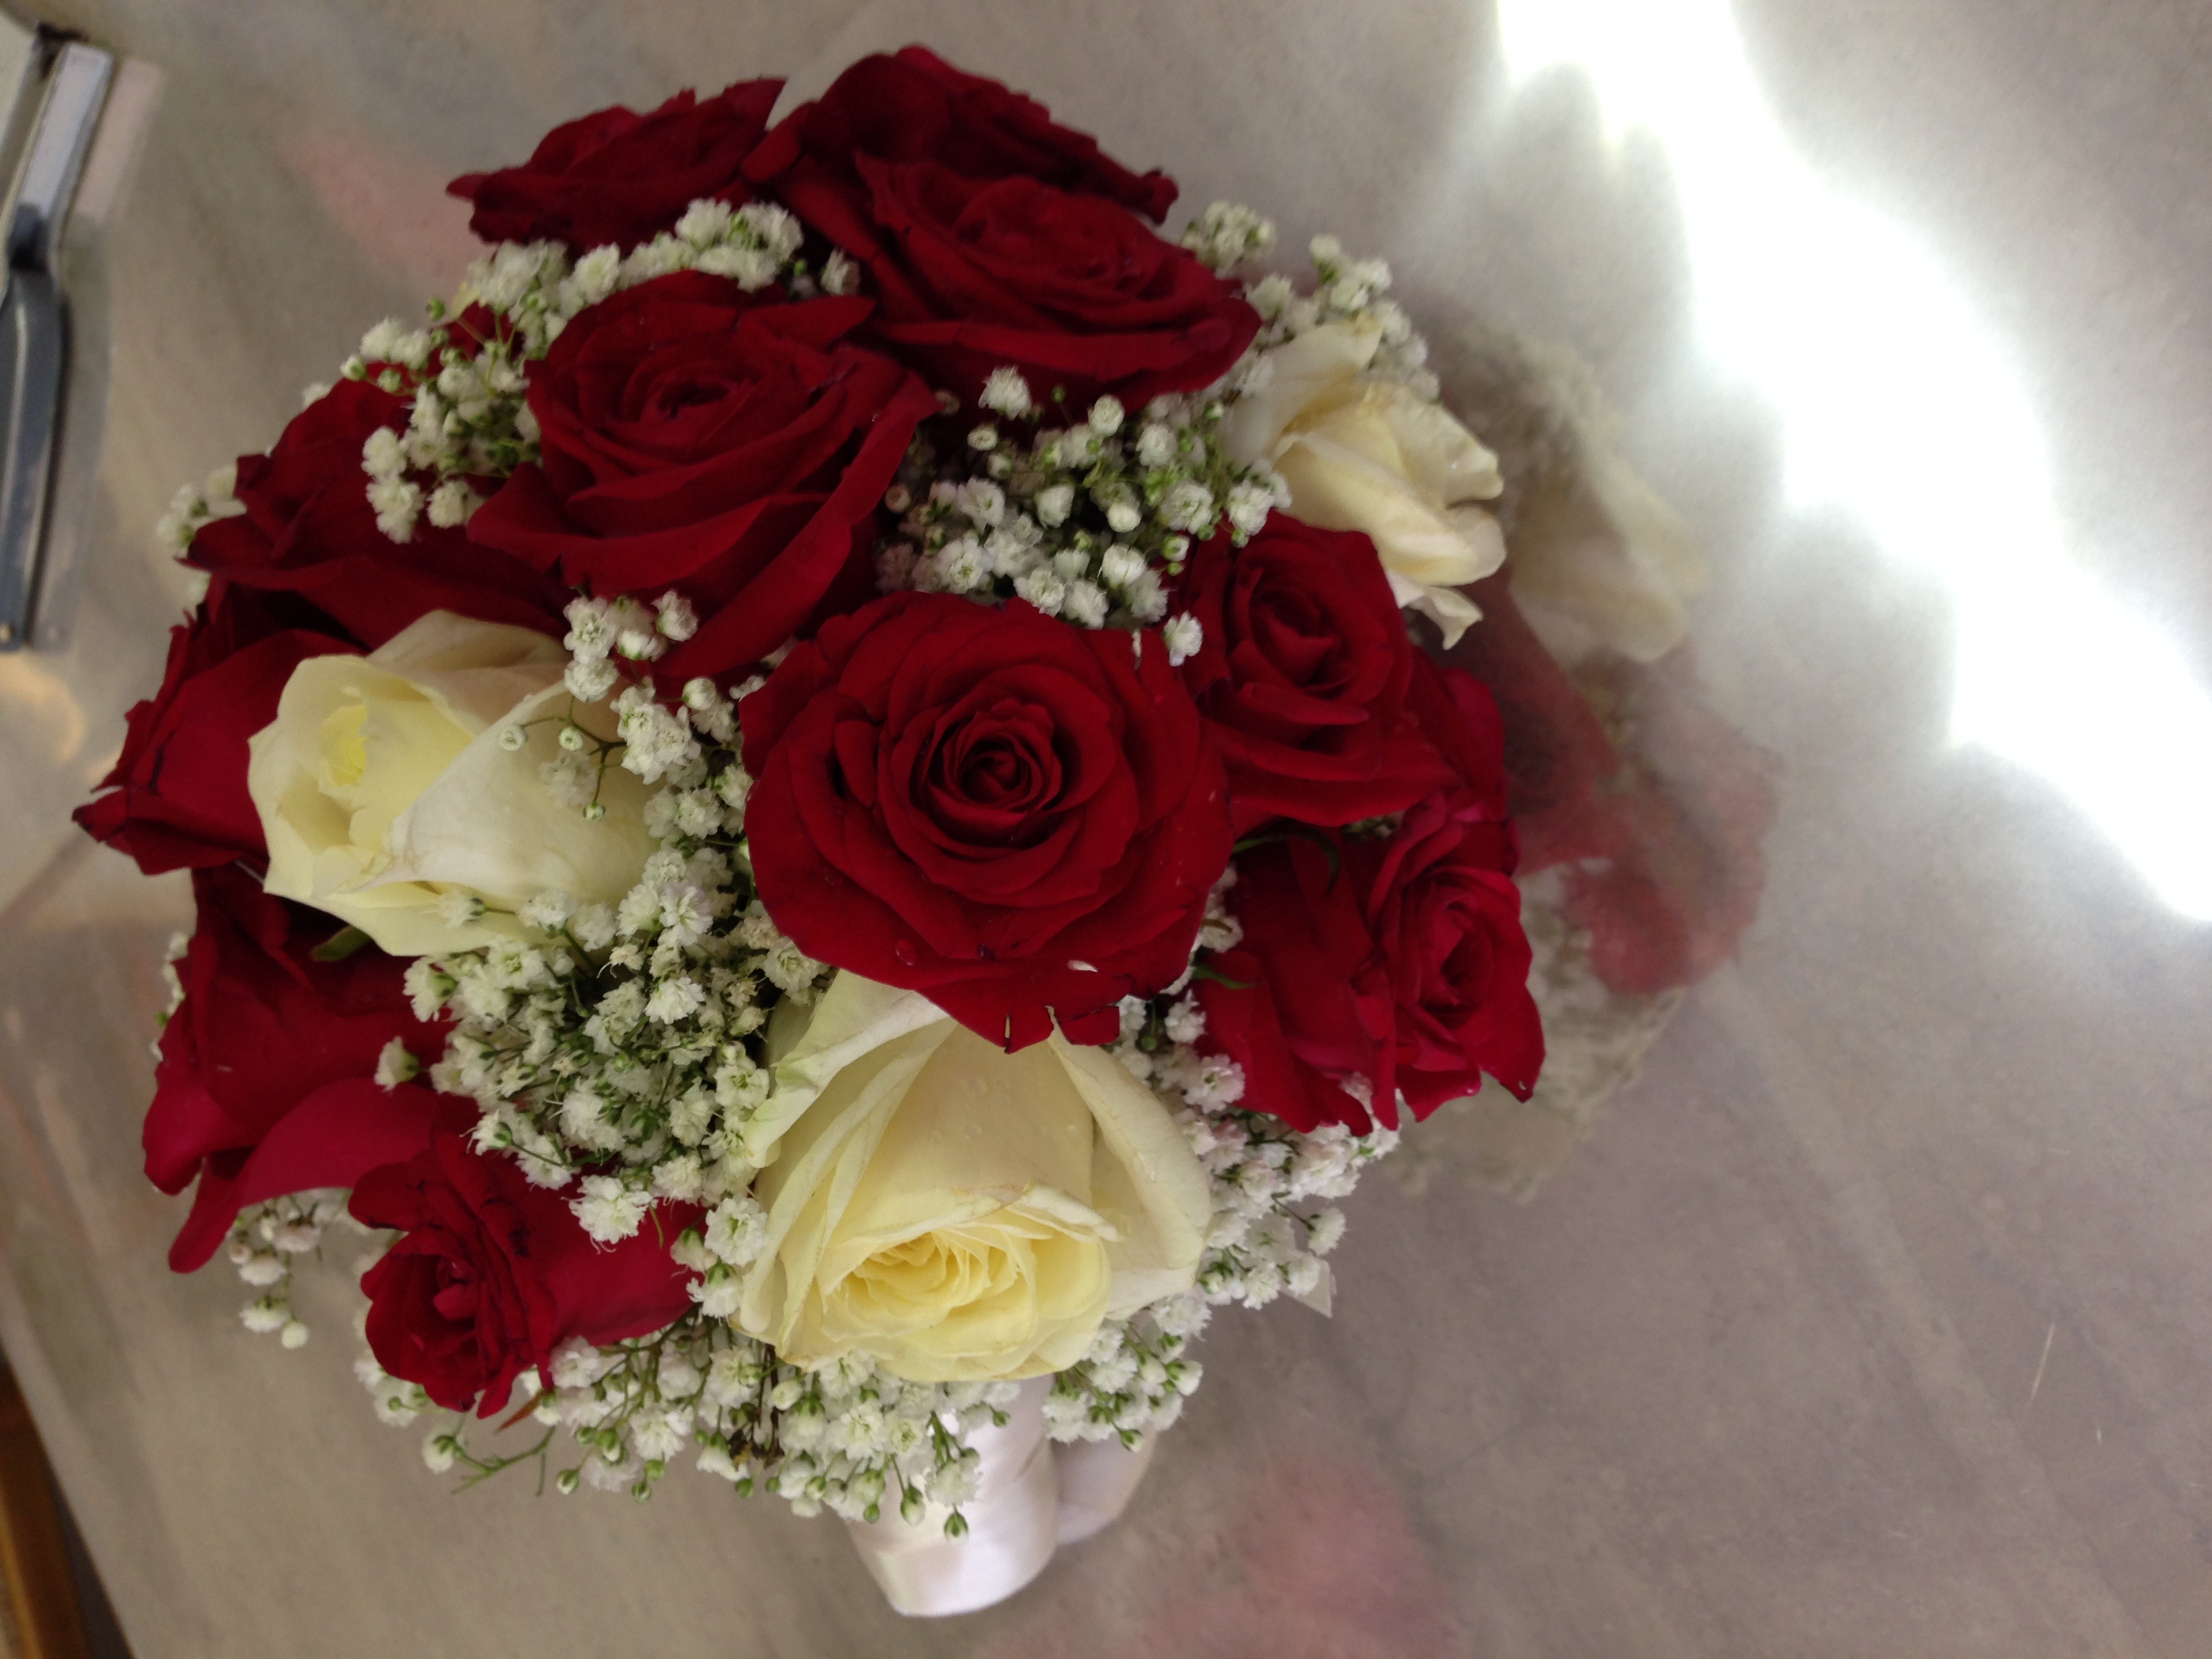 Bouquet Da Sposa Prezzi.Bouquet Da Sposa Con Un Tipo Di Fiore